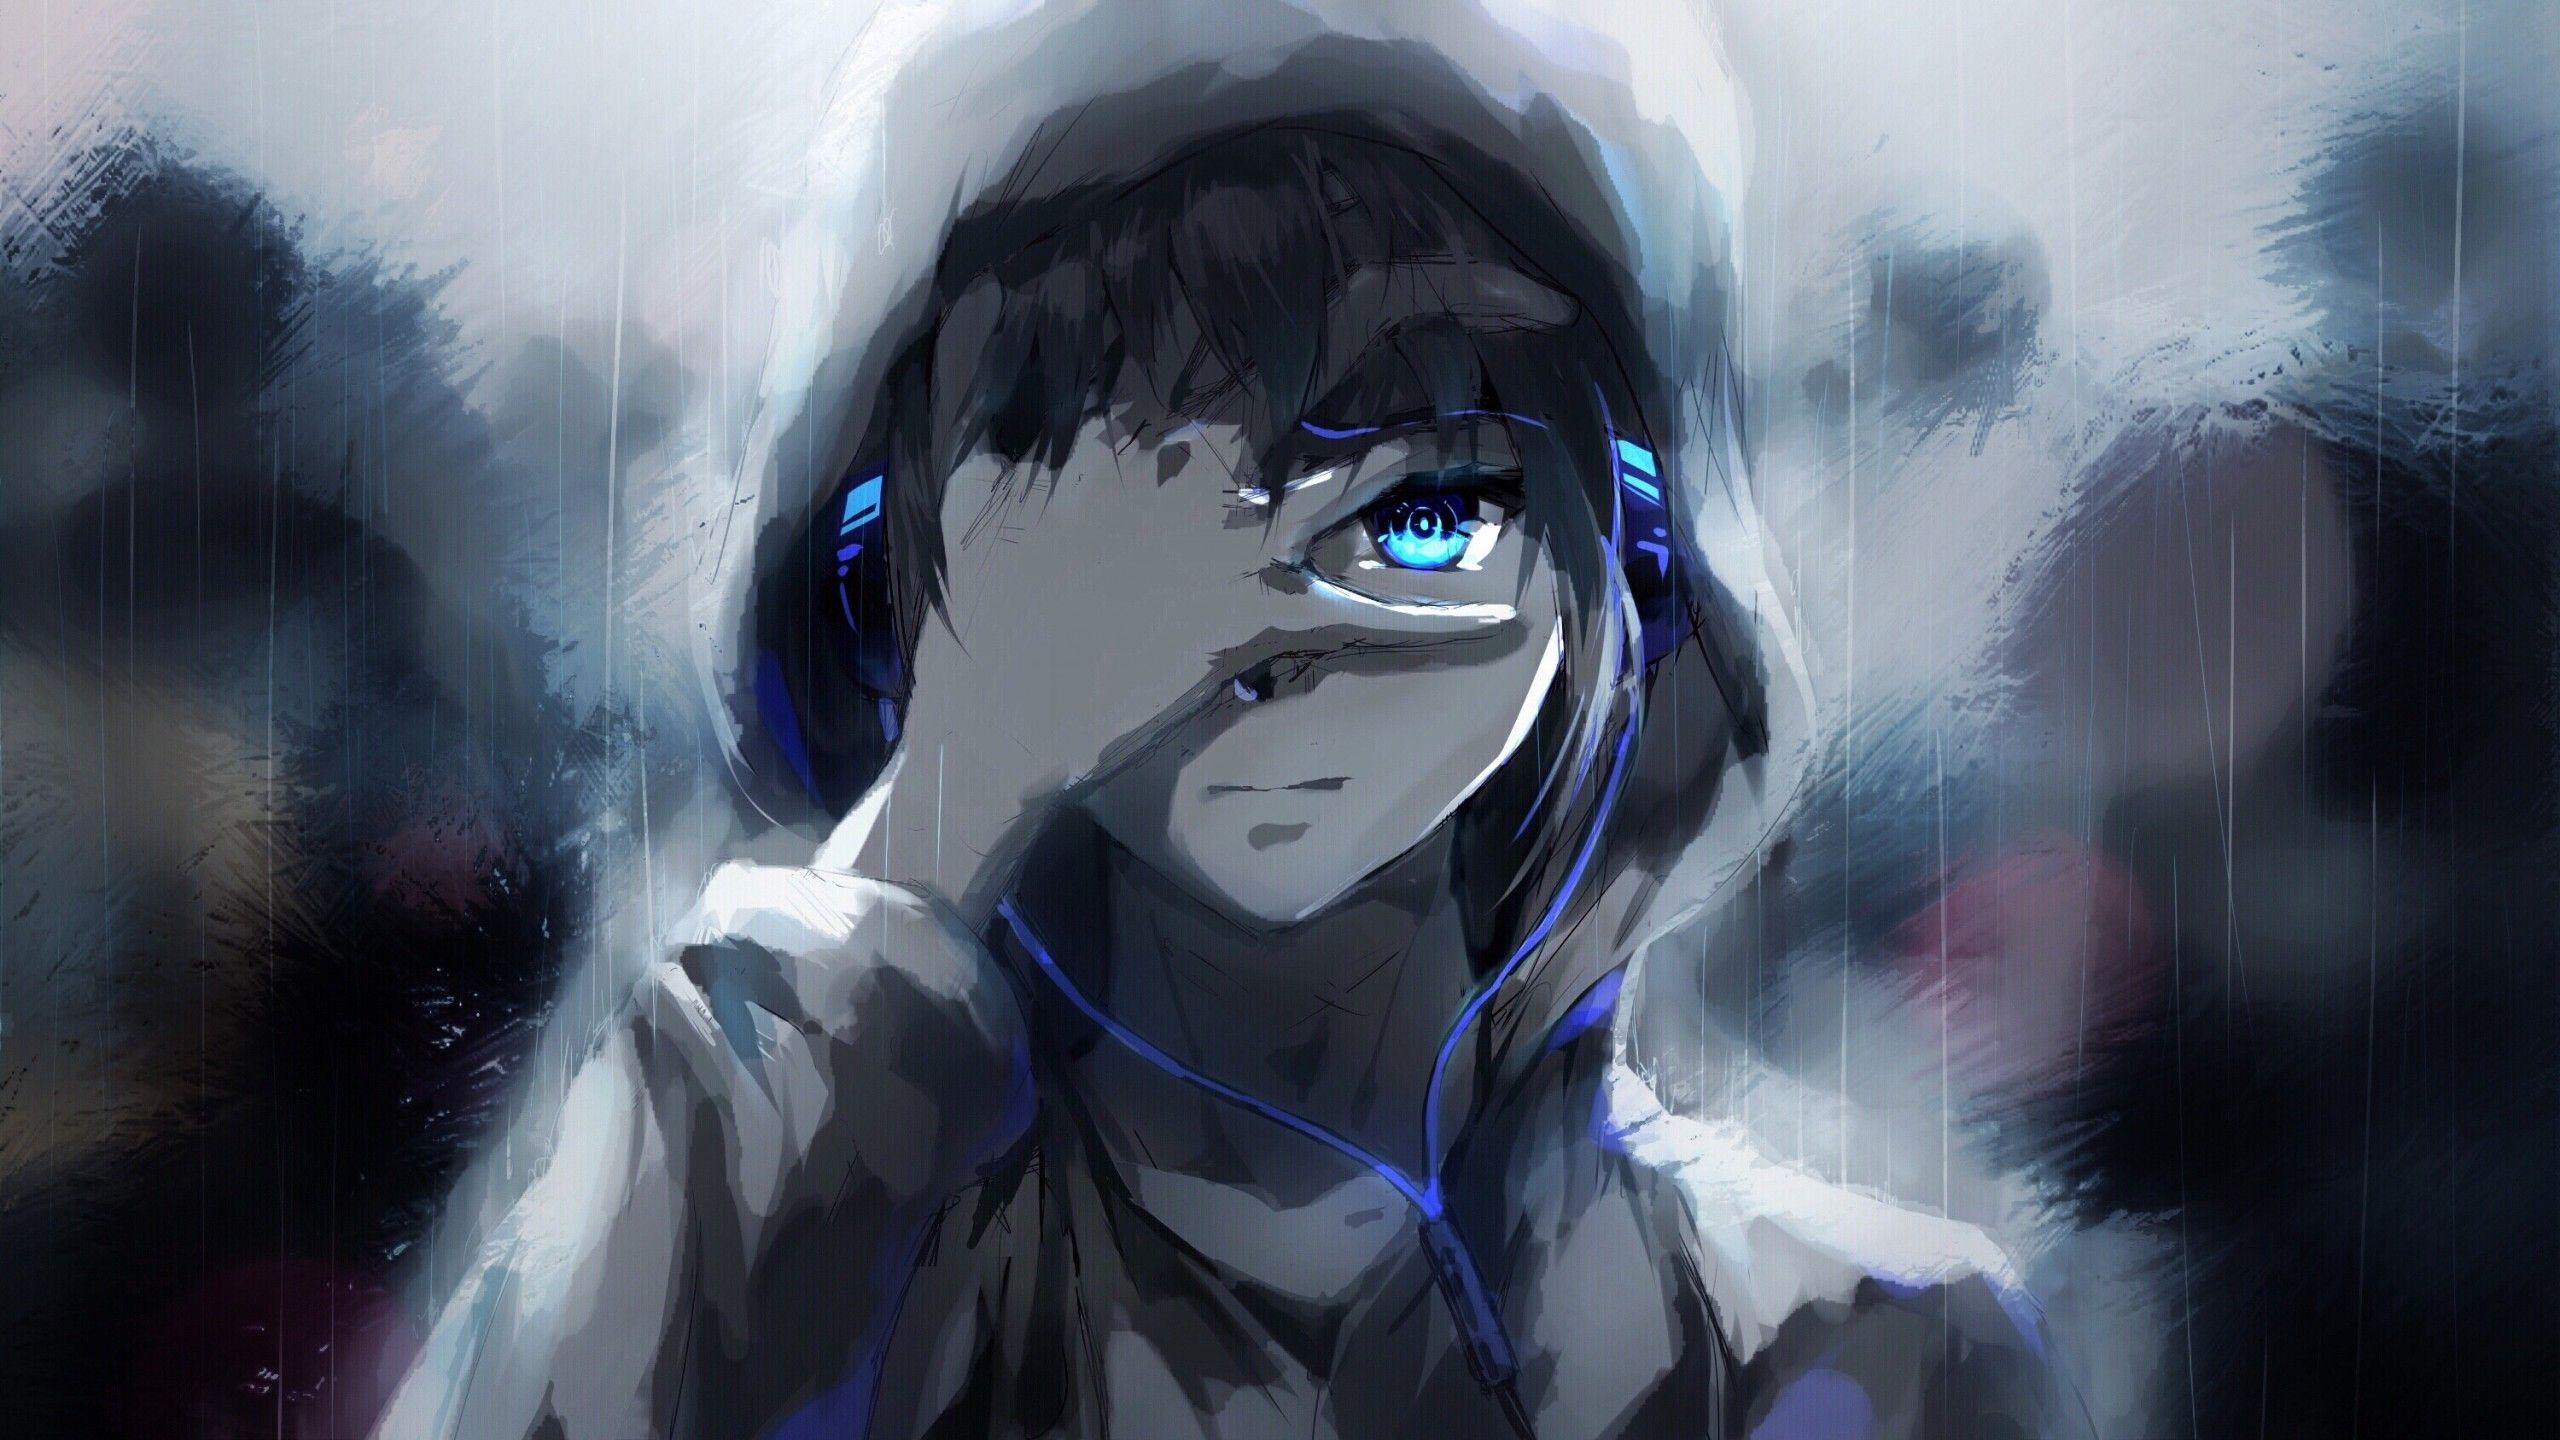 2560x1440 Anime Boyhoodieblue Eyesheadphonespainting